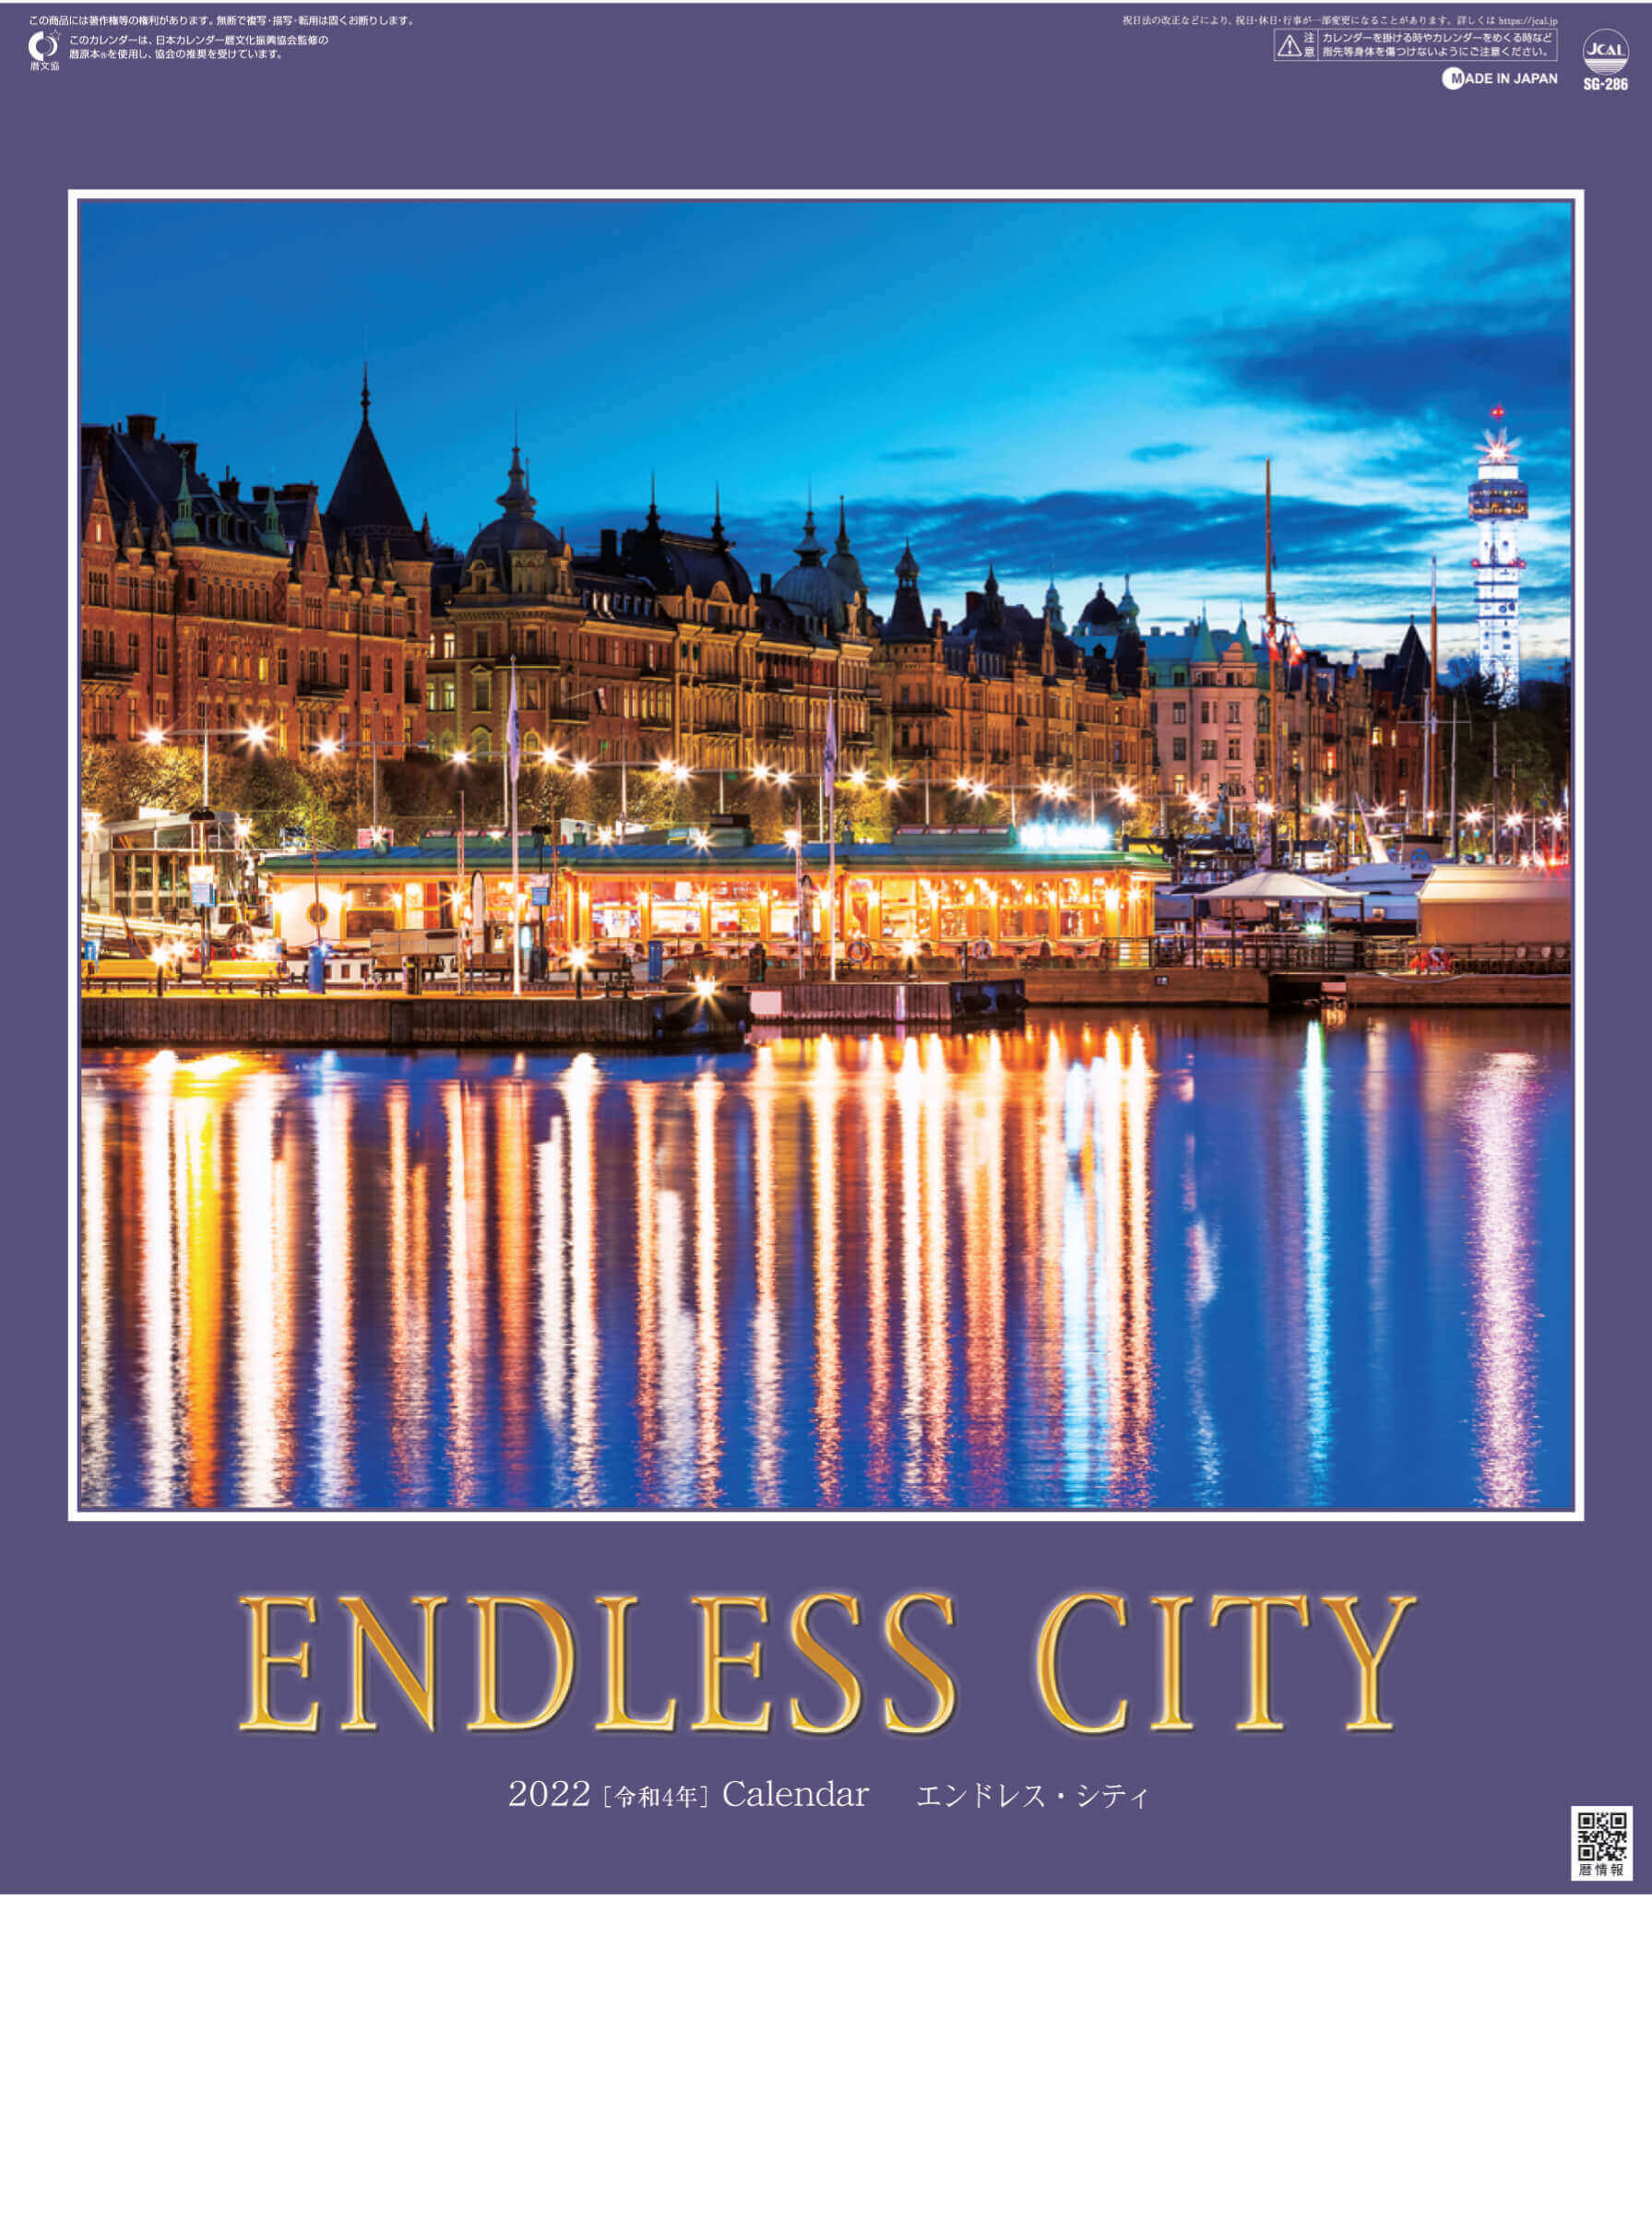 エンドレスシティ・世界の夜景 2022年カレンダーの画像